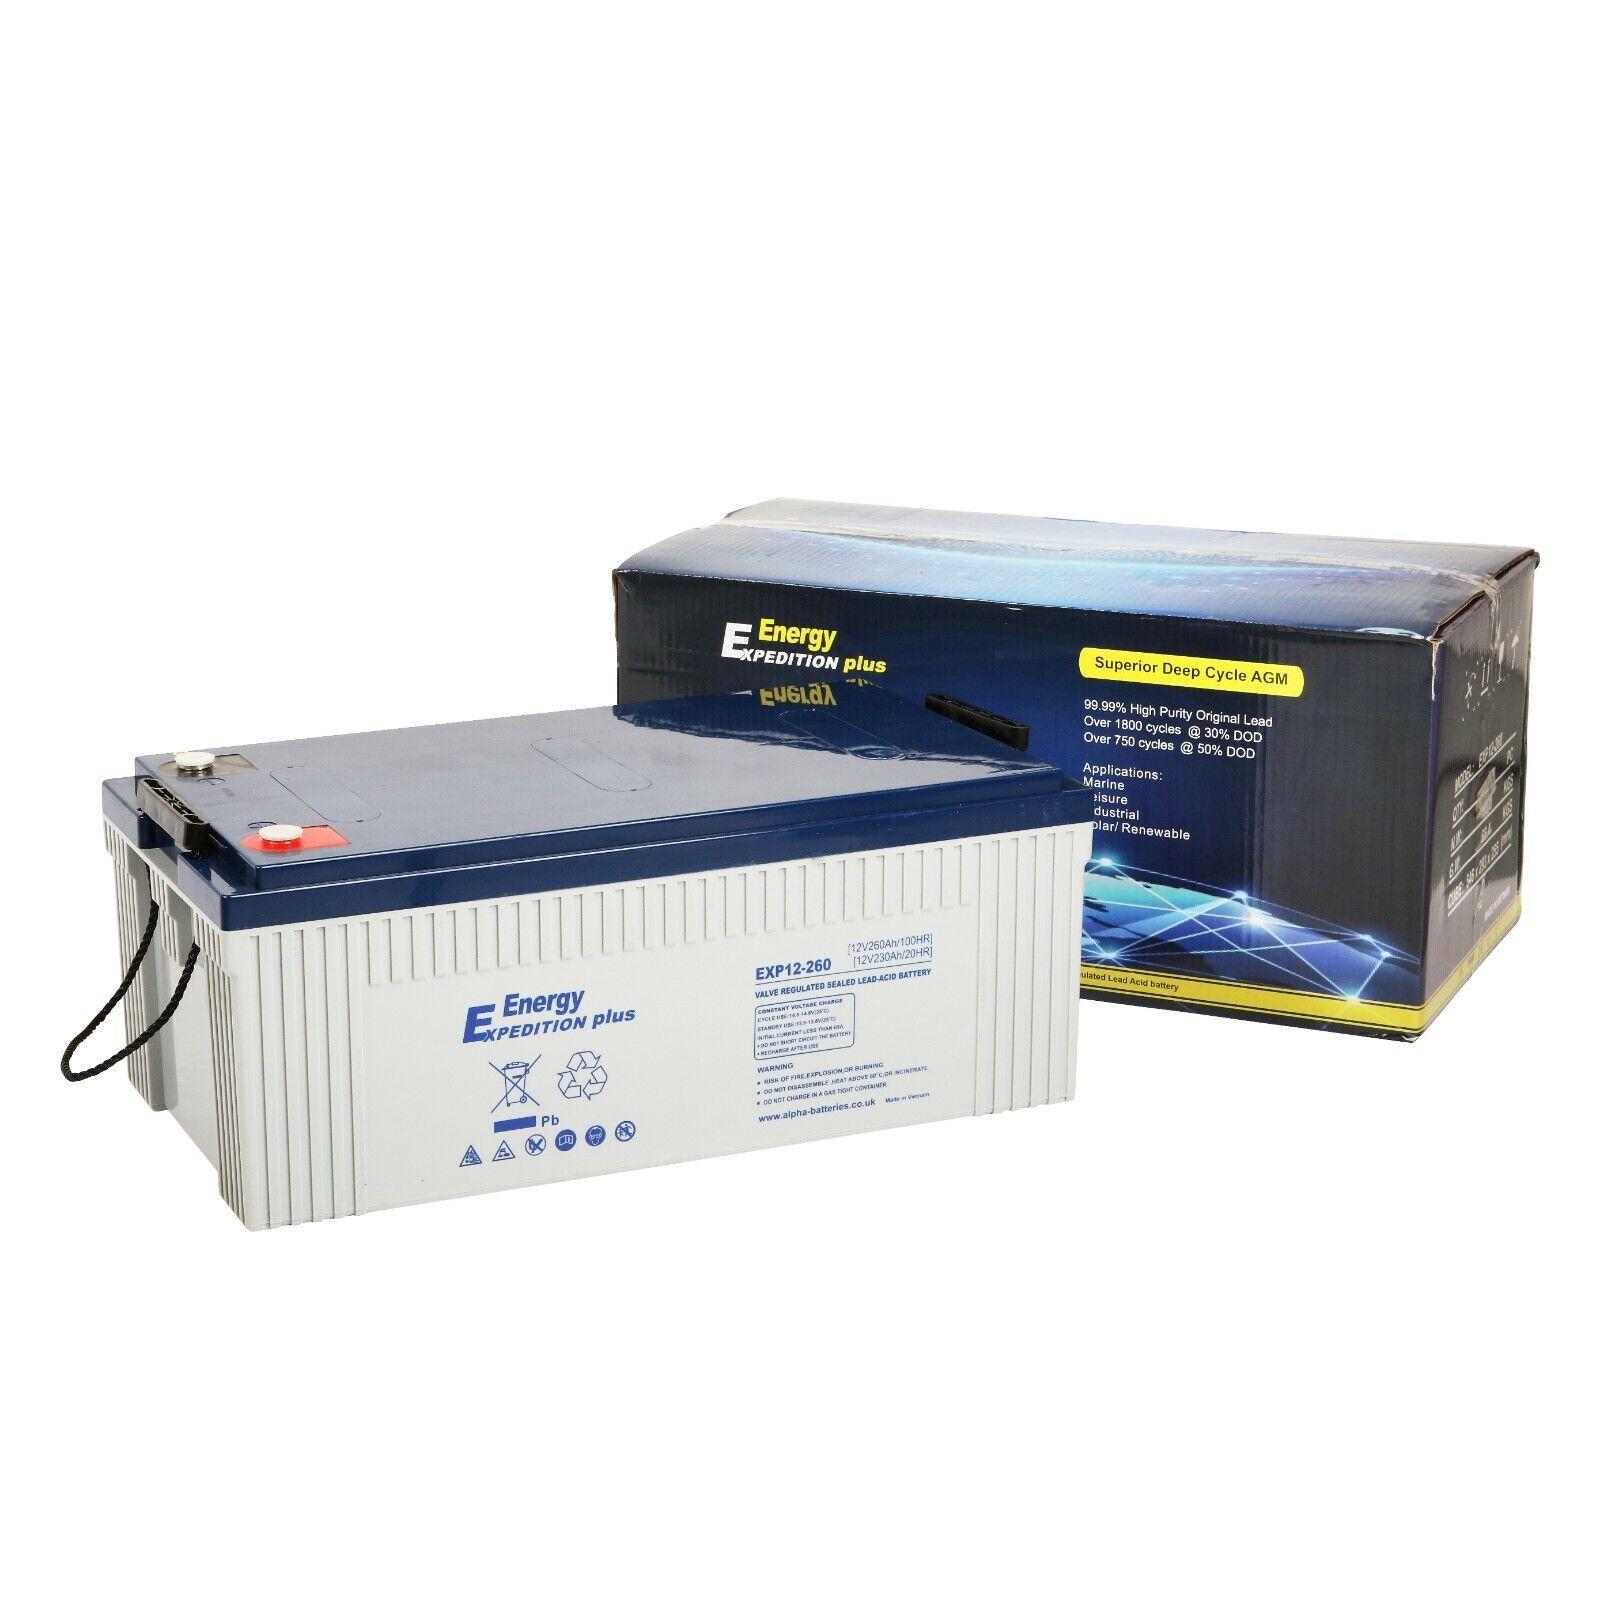 Batería de almacenamiento solar Expedición Plus de 260AH